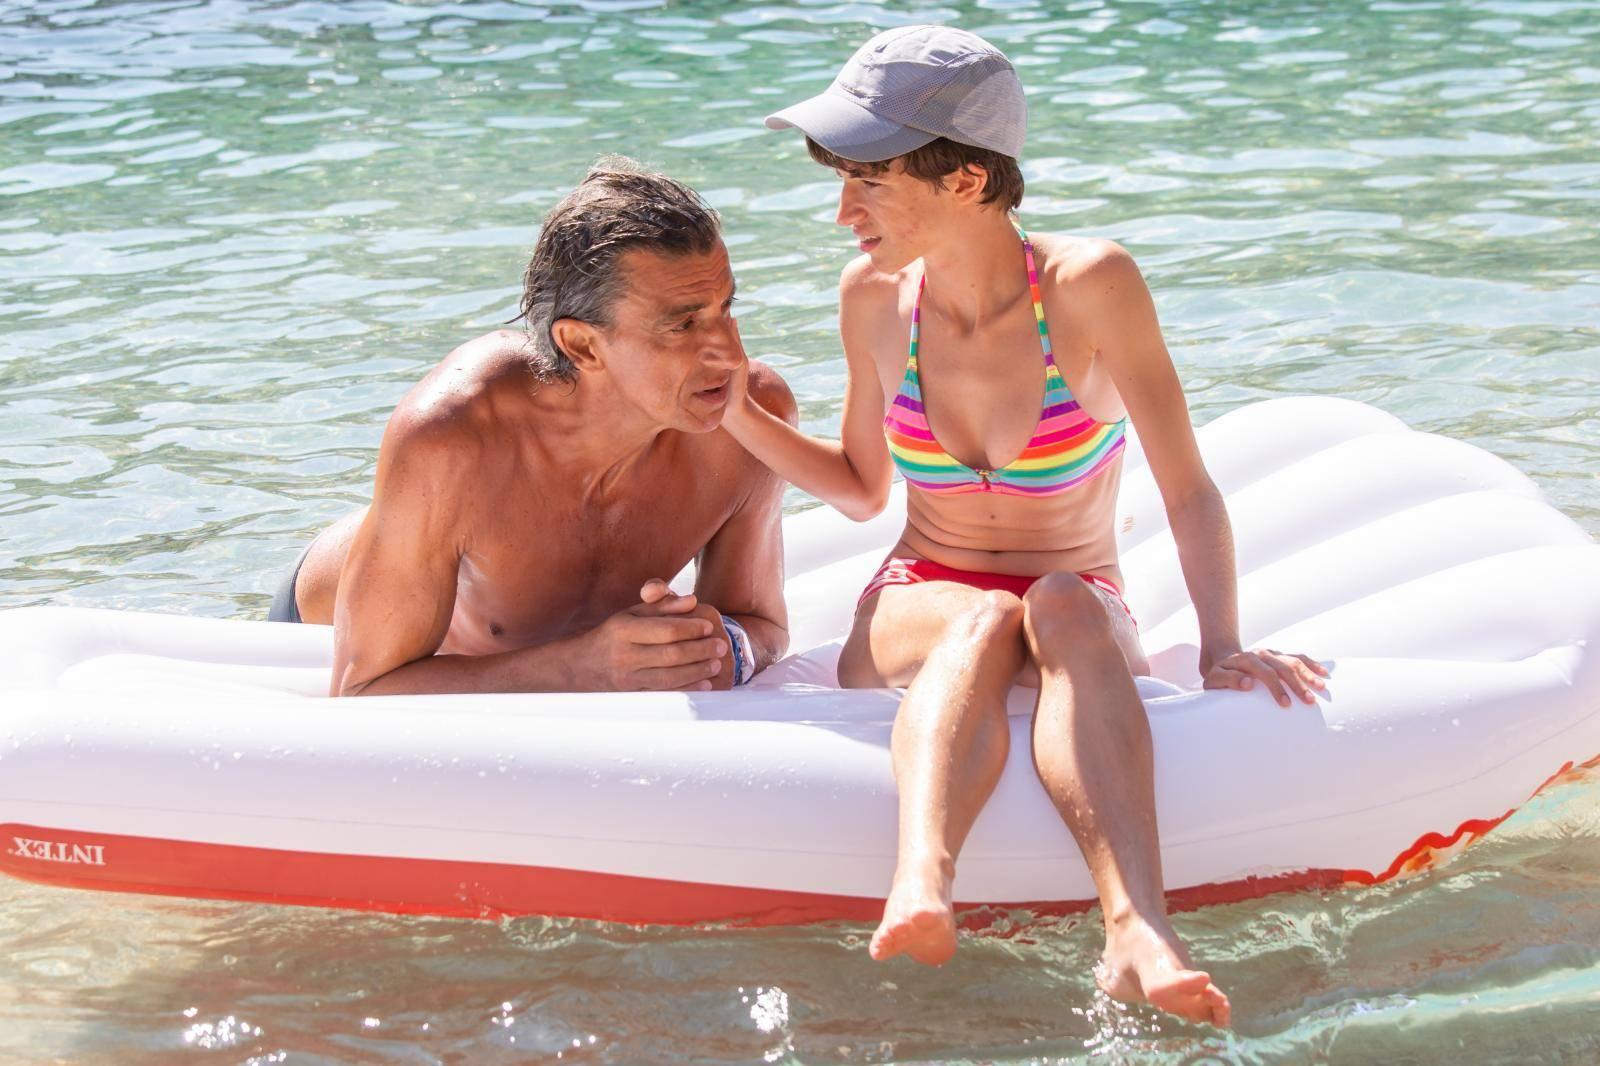 Šobat: Držat ću pola sata dah pod vodom za kćer s autizmom